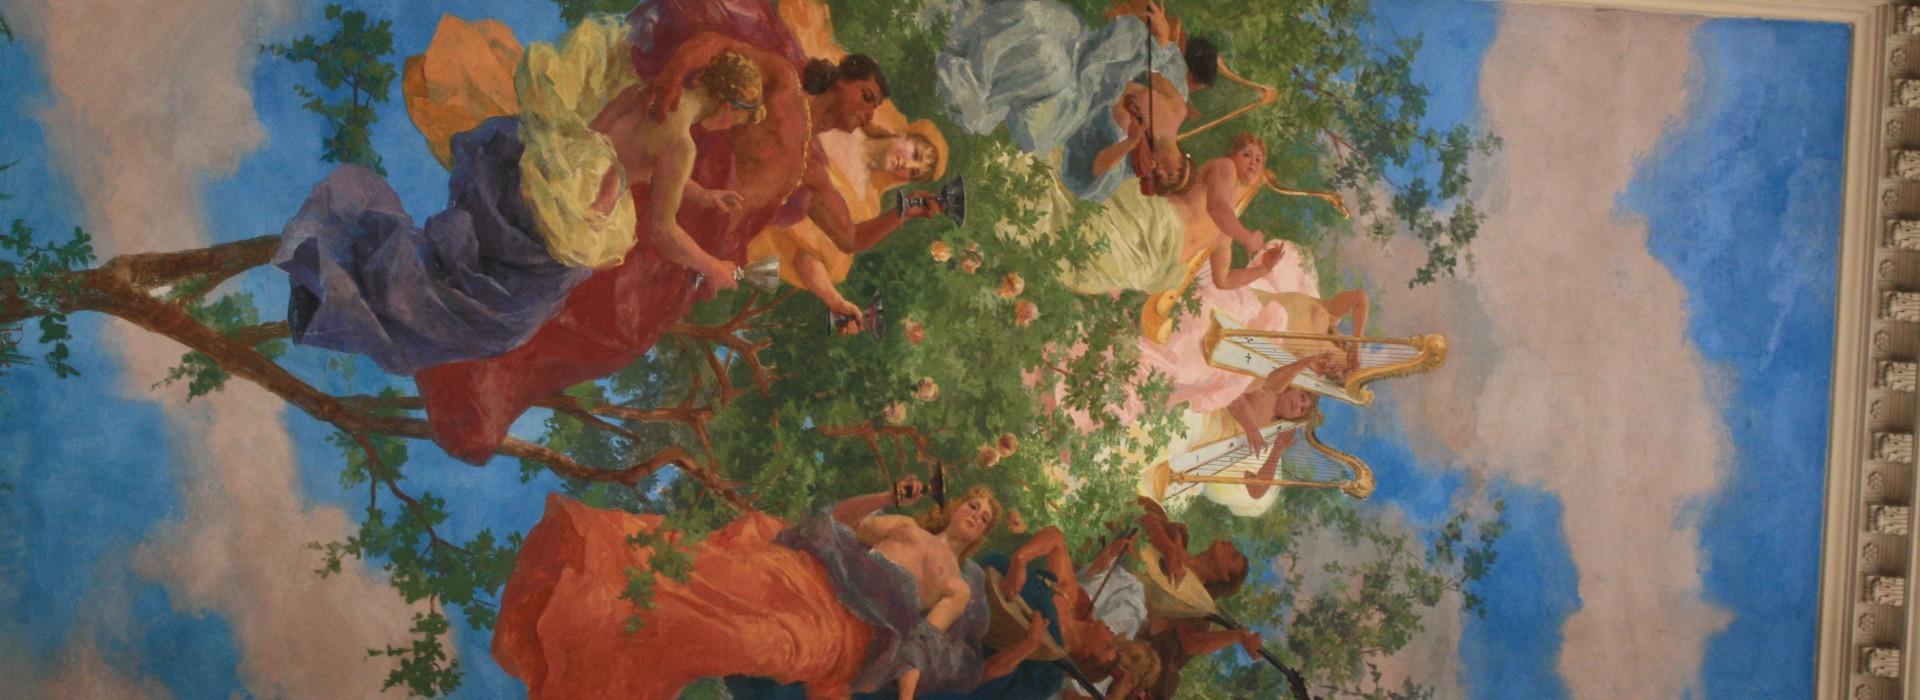 Affresco di Galileo Chini - Holtel La Pace Montecatini Terme